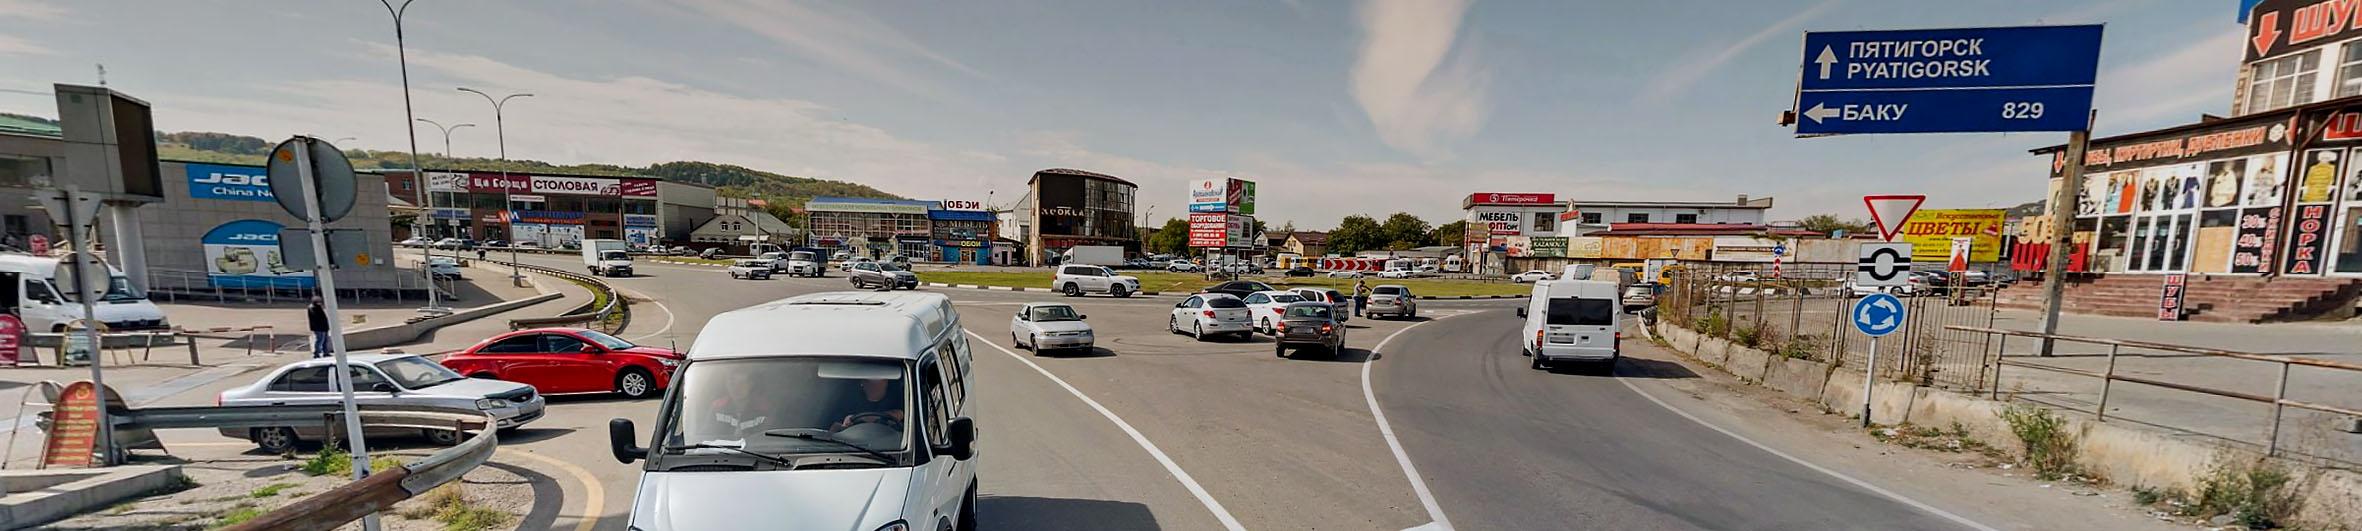 Реклама на билбордах в Ставропольском крае Пятигорск